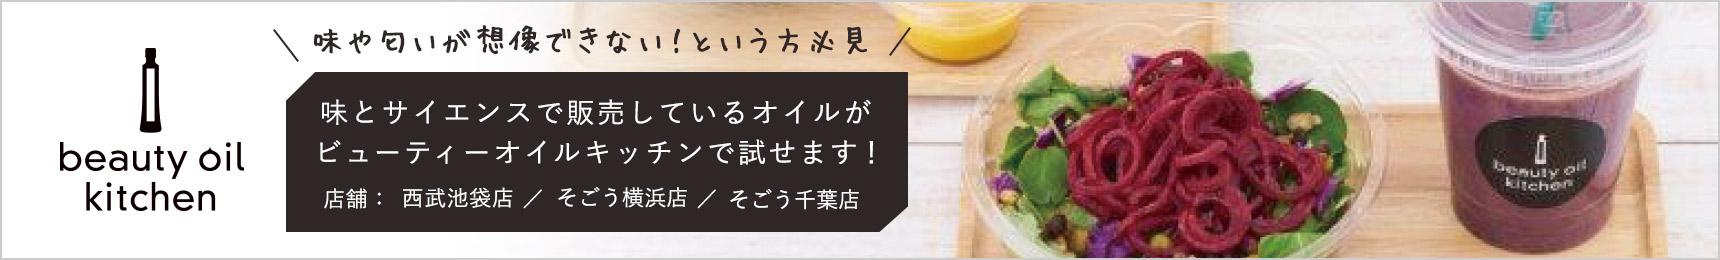 味とサイエンスで販売しているオイルがビューティーオイルキッチンで試せます!